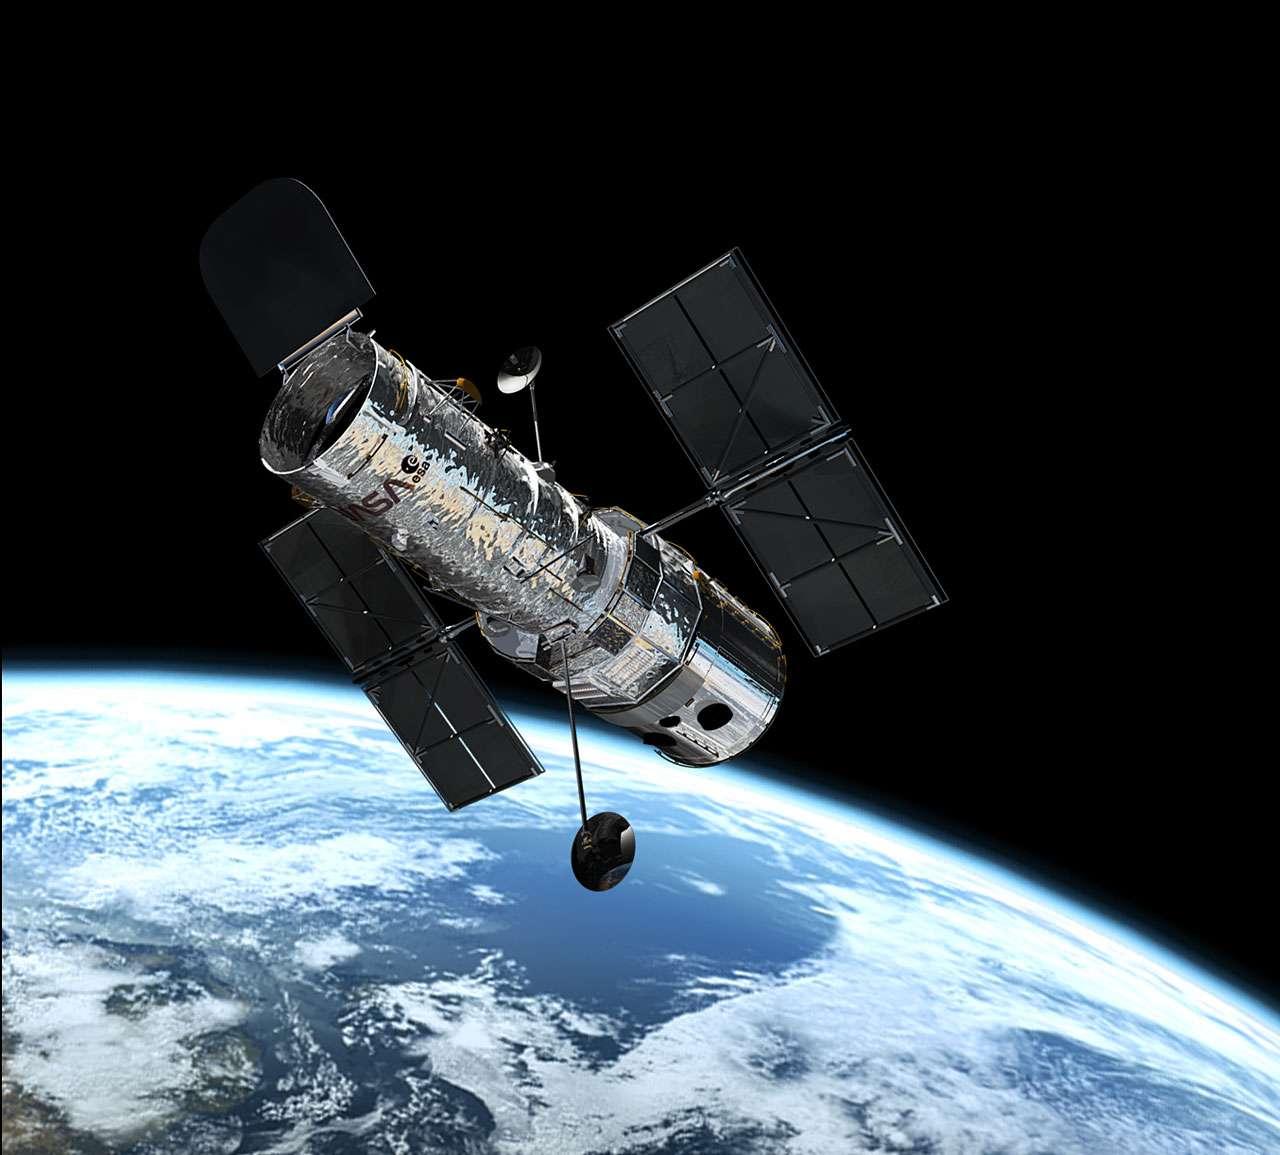 Une représentation du télescope spatial Hubble. Il a révolutionné l'astrophysique et la cosmologie. En attendant son successeur, le télescope James Webb... © Nasa, Esa